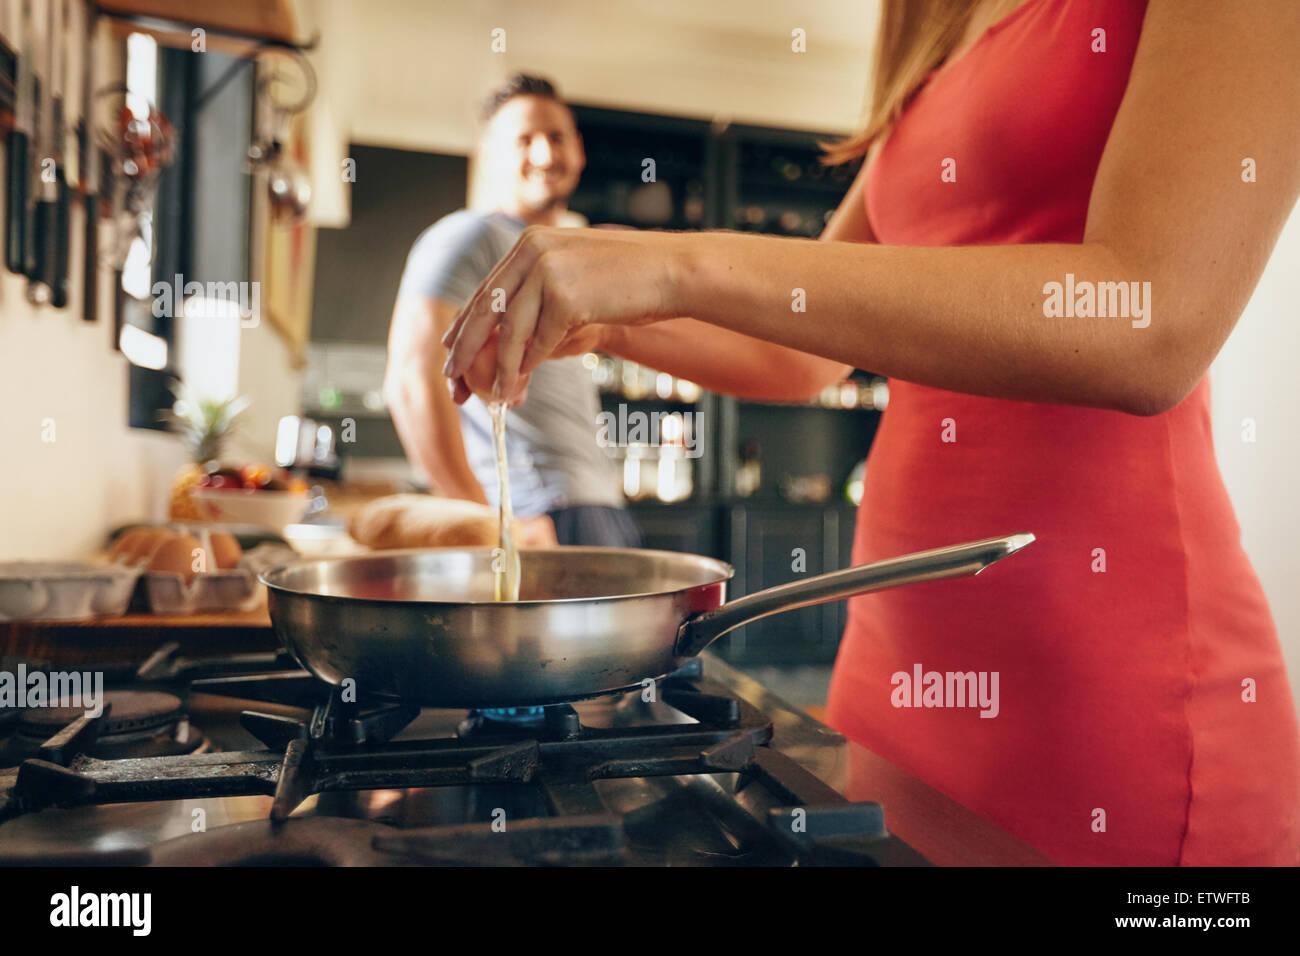 Captura recortada de manos de mujer cracking un huevo en un sartén sobre la estufa. Mujer preparando el desayuno Imagen De Stock